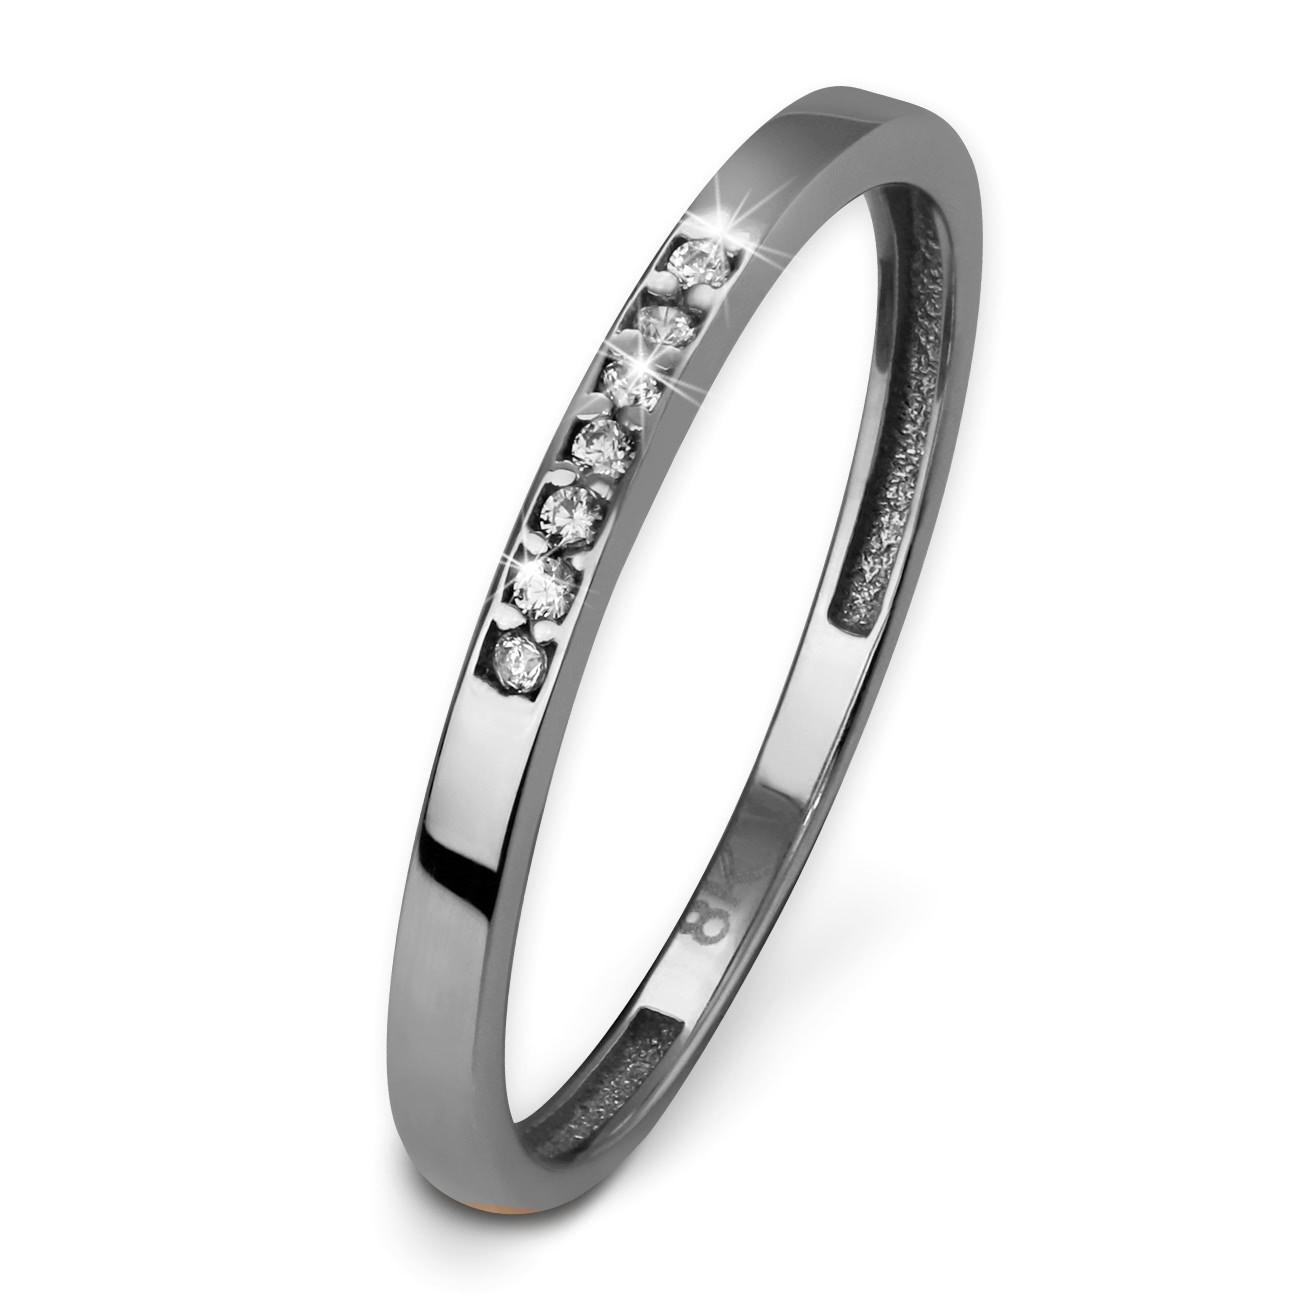 SilberDream Gold Ring Zirkonia weiß Gr.60 333er Weißgold GDR502J60